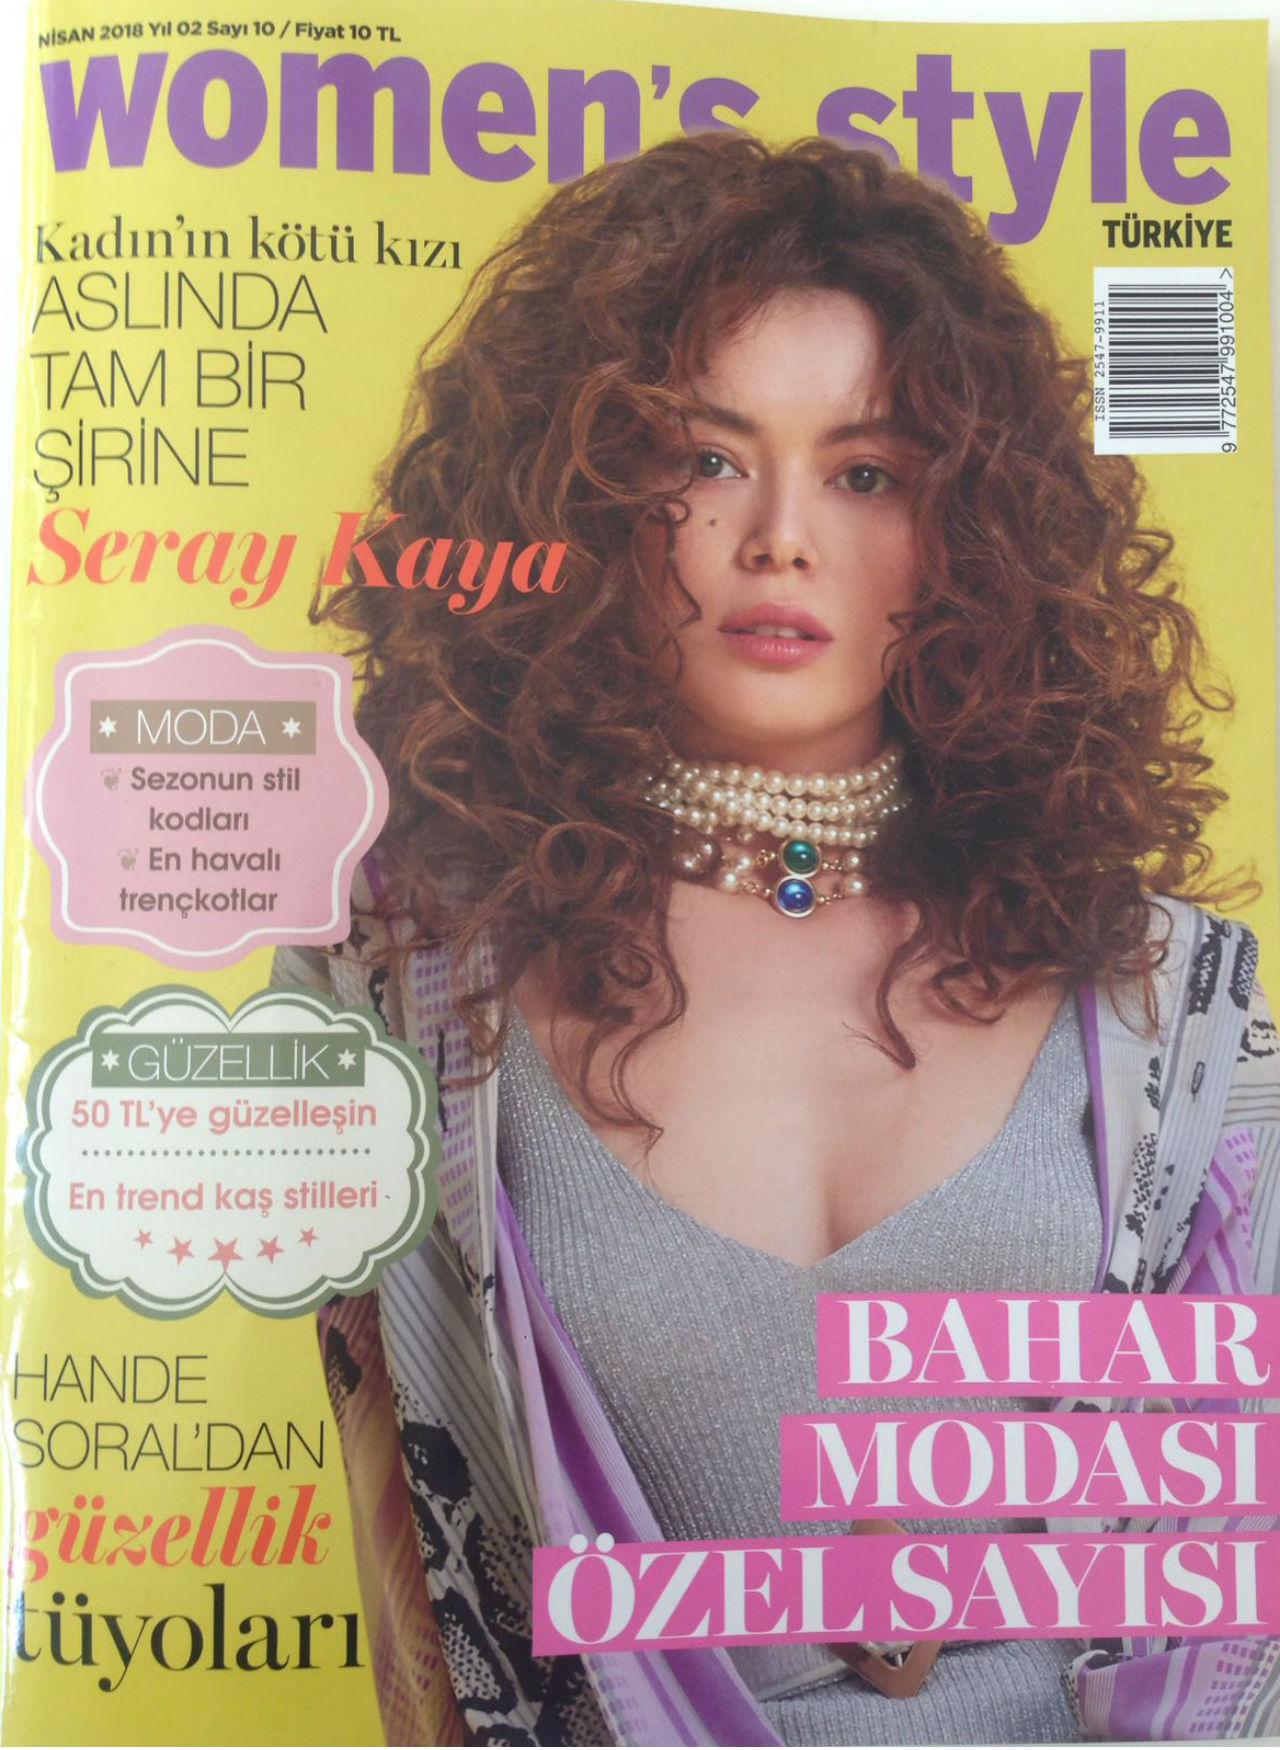 Seray Kaya Women's Style Dergisinin Nisan Sayısında!